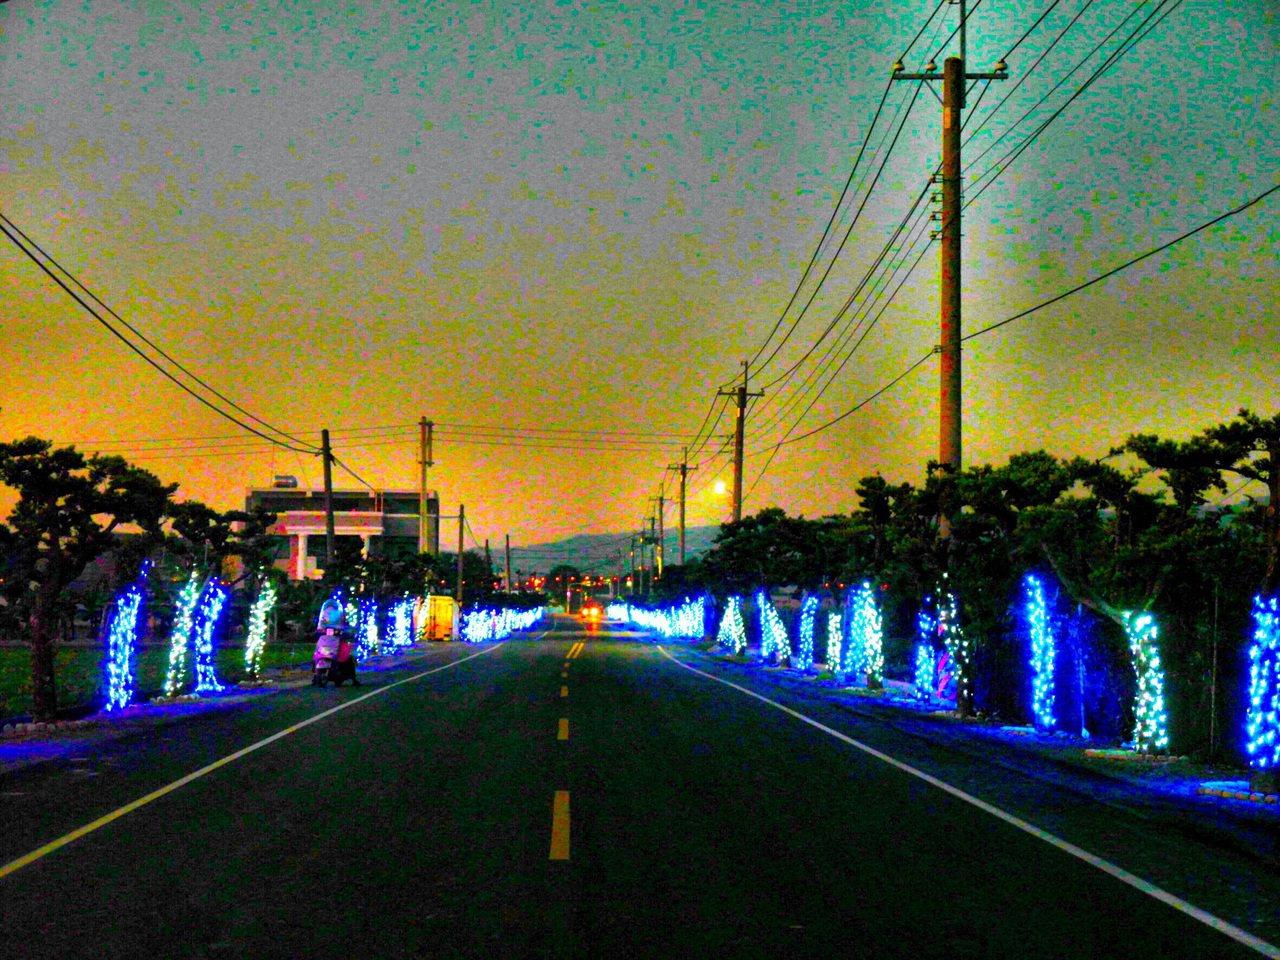 國內僅有的羅漢松光廊展現不凡的光雕夜景,增加耶誕浪漫氣。記者蔡維斌/翻攝